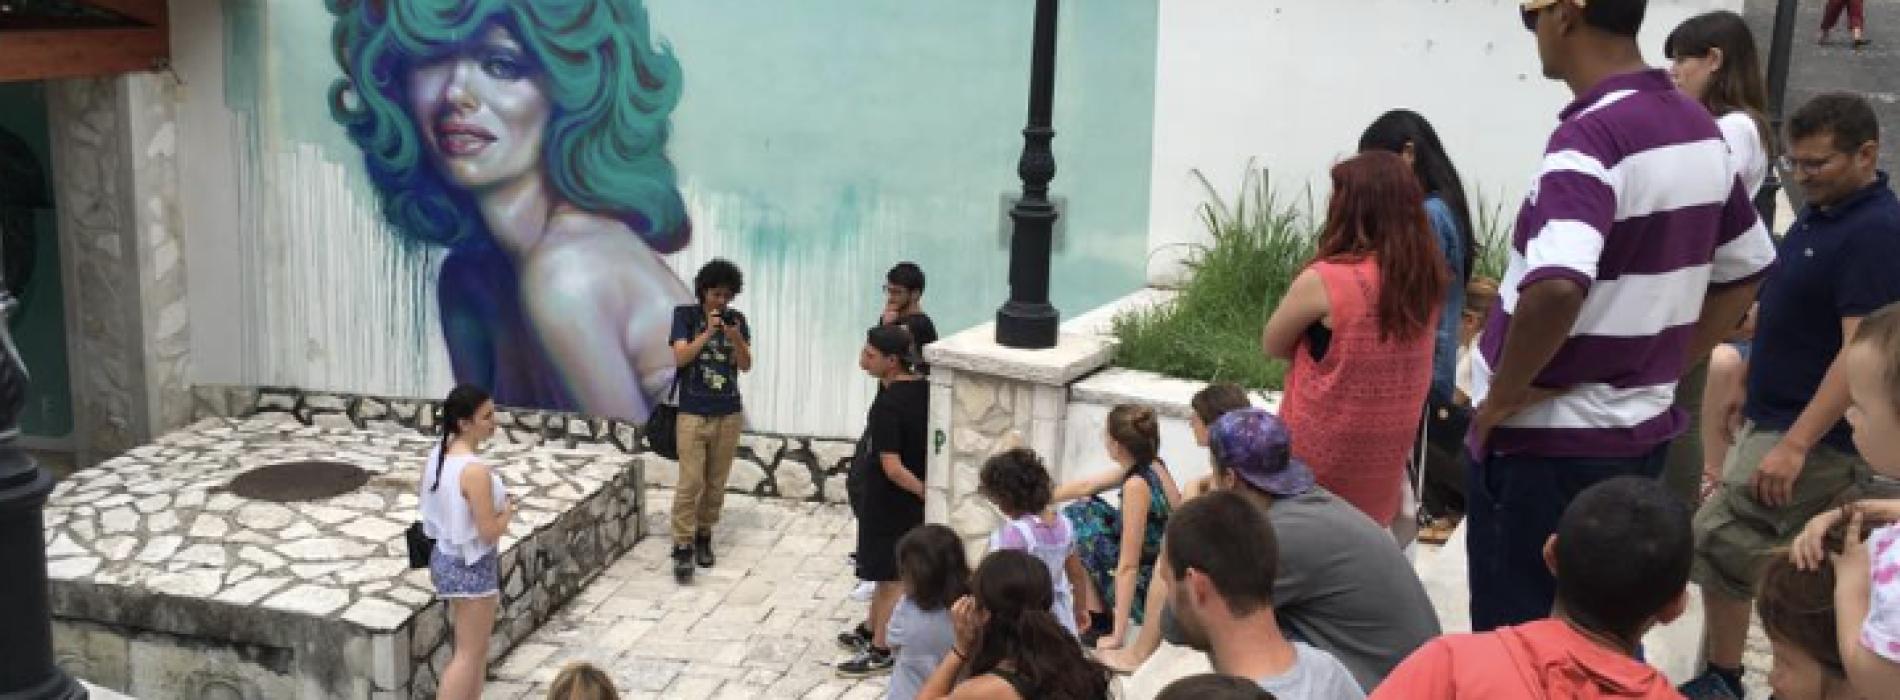 Fate Festival. San Potito diventa multietnica